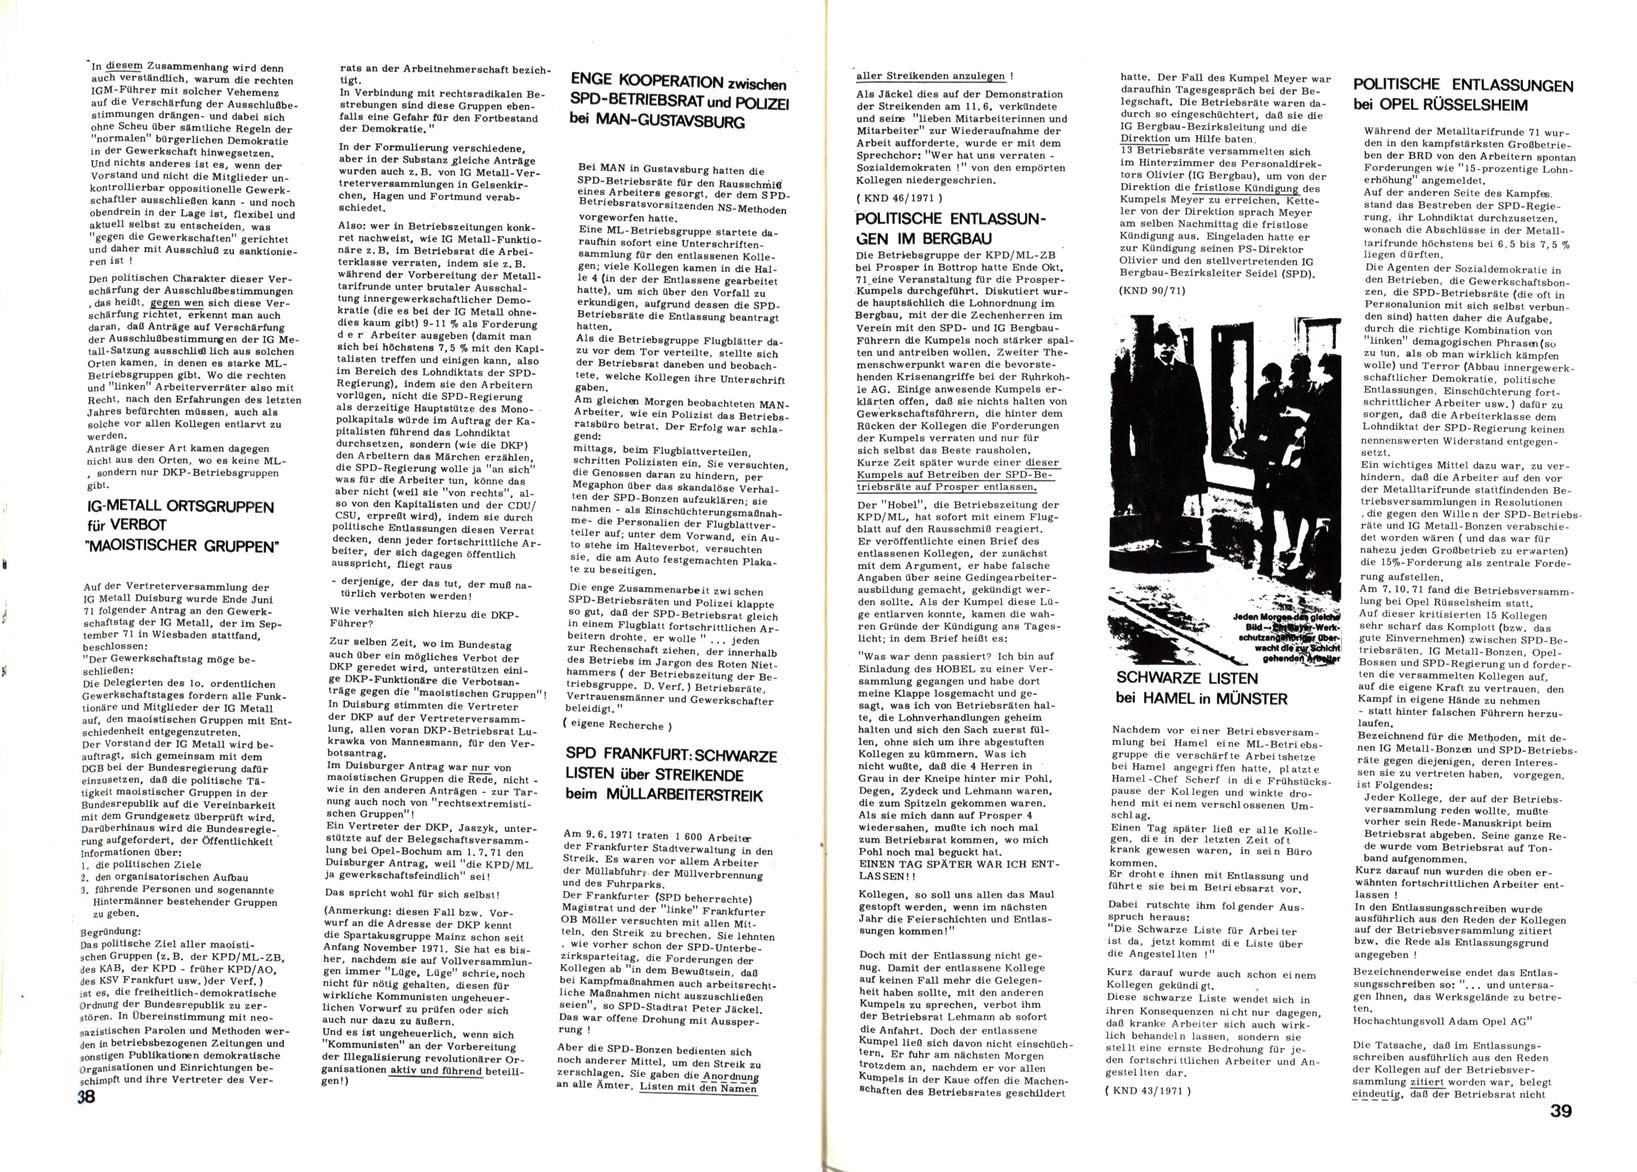 Mainz_VDS_AStA_1972_Staatsfeind_21